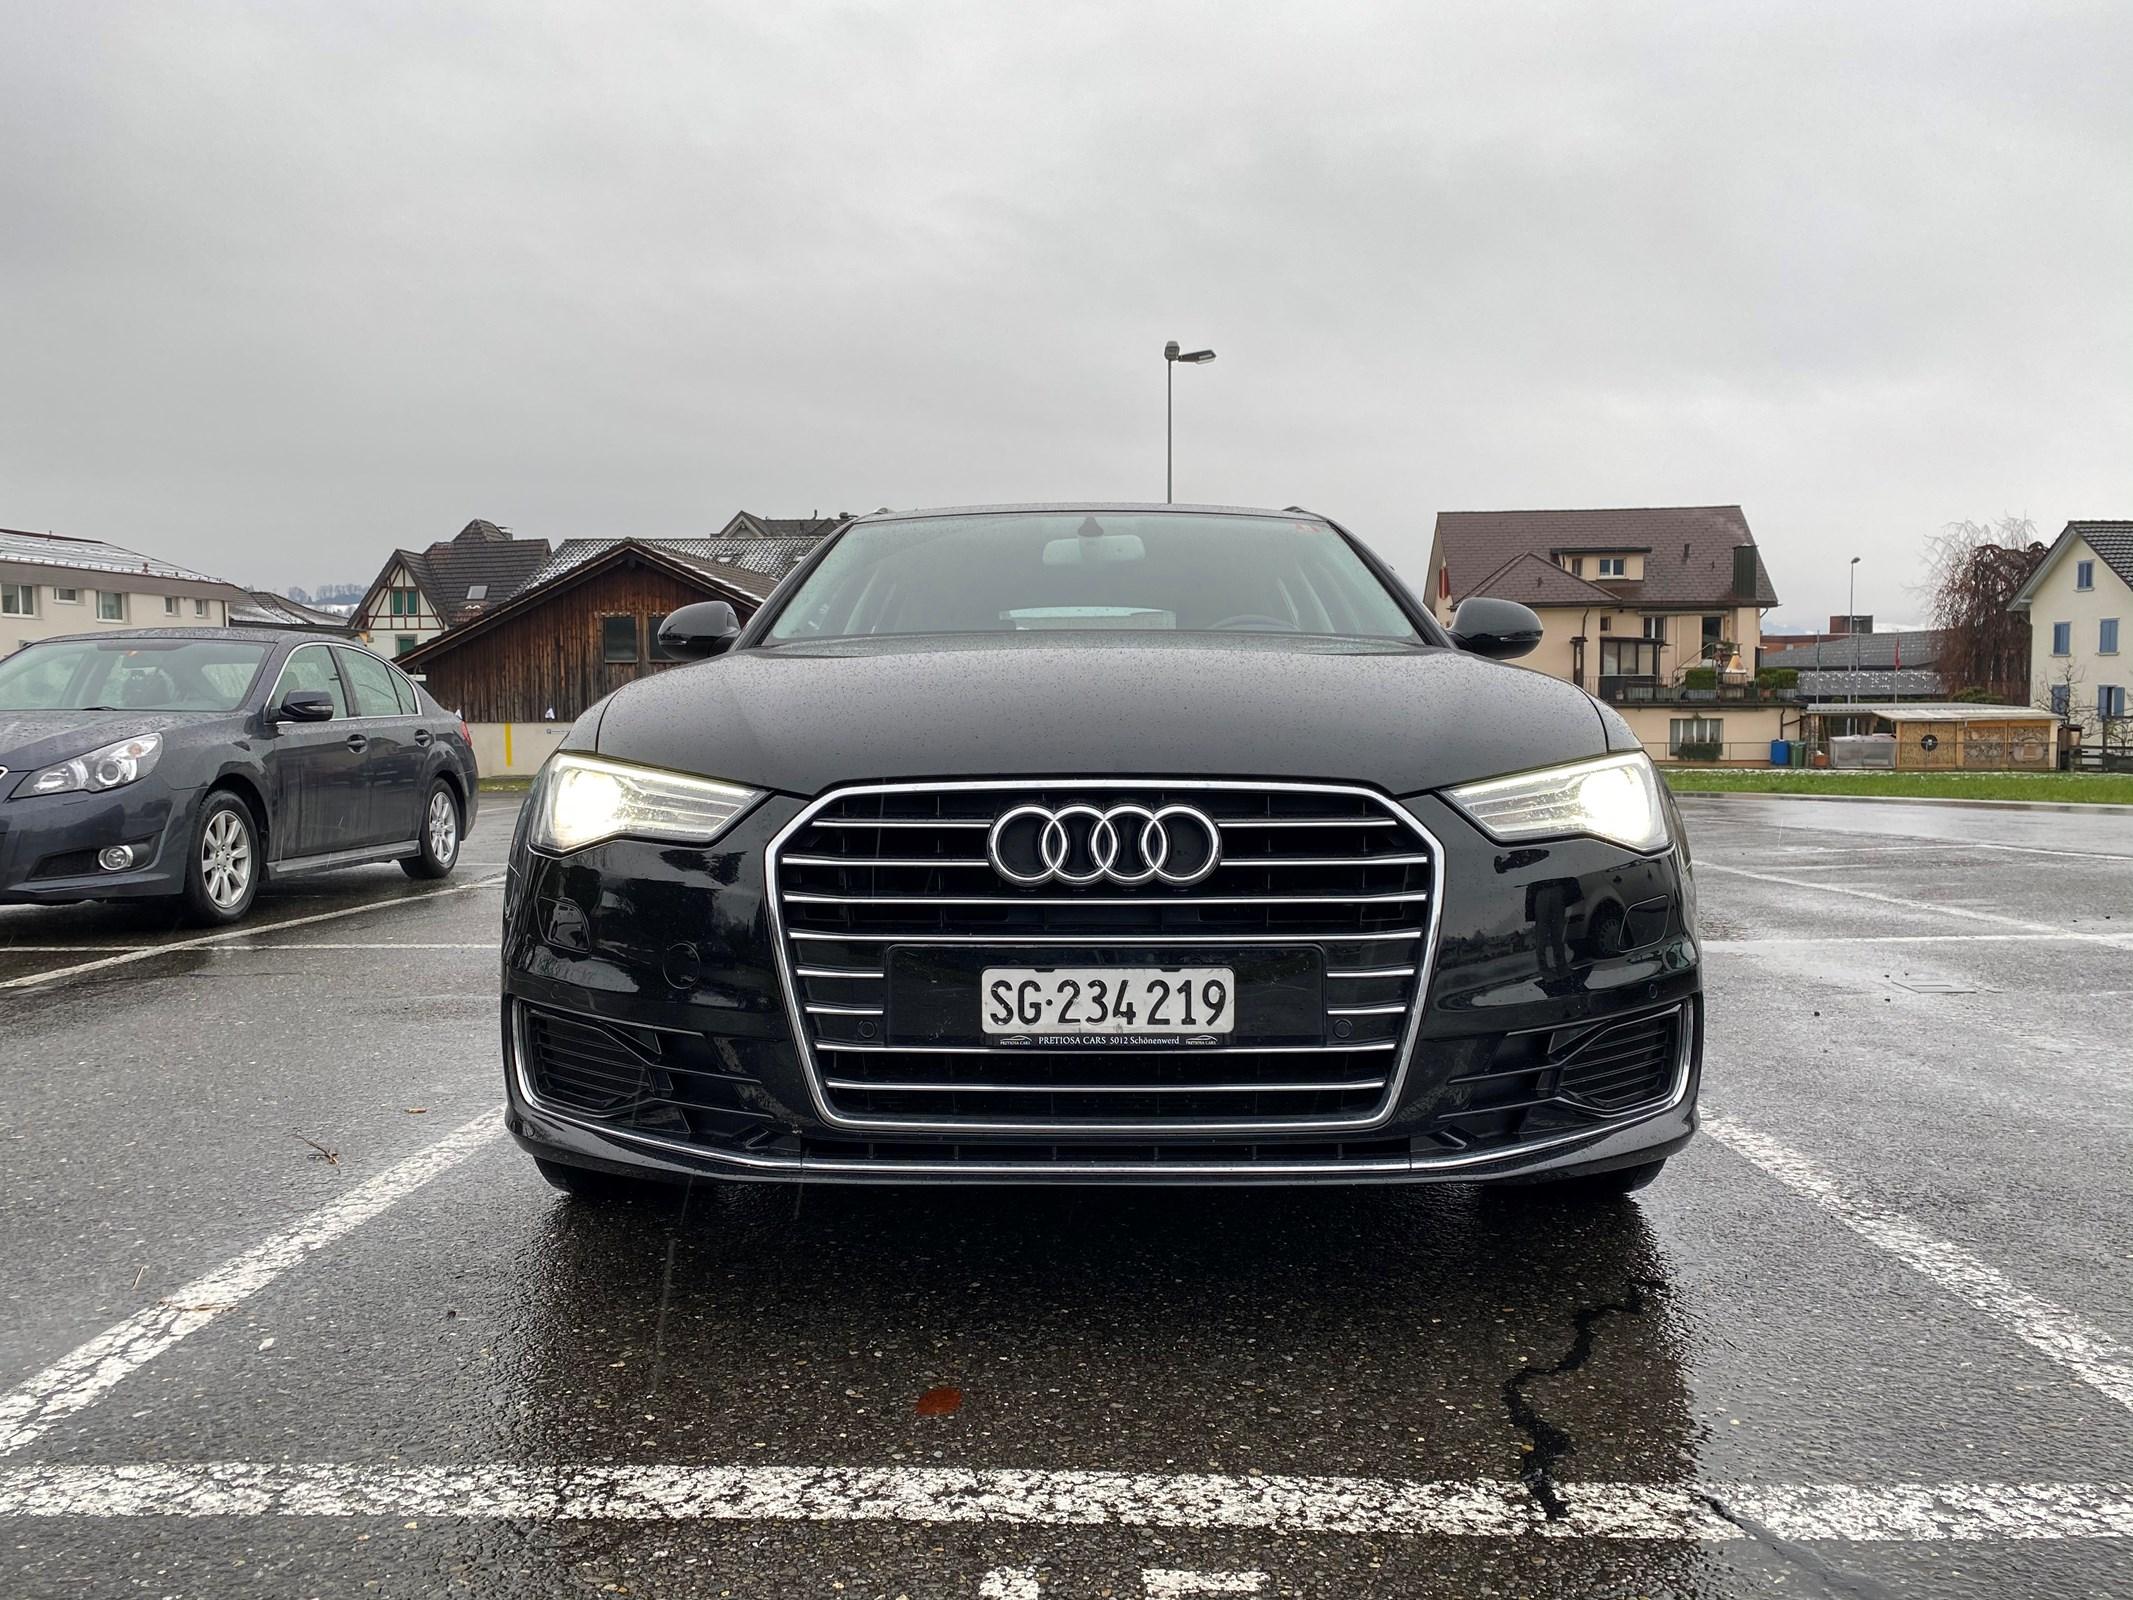 Audi A6 Avant 2.0 TDI 190 S-Tronic